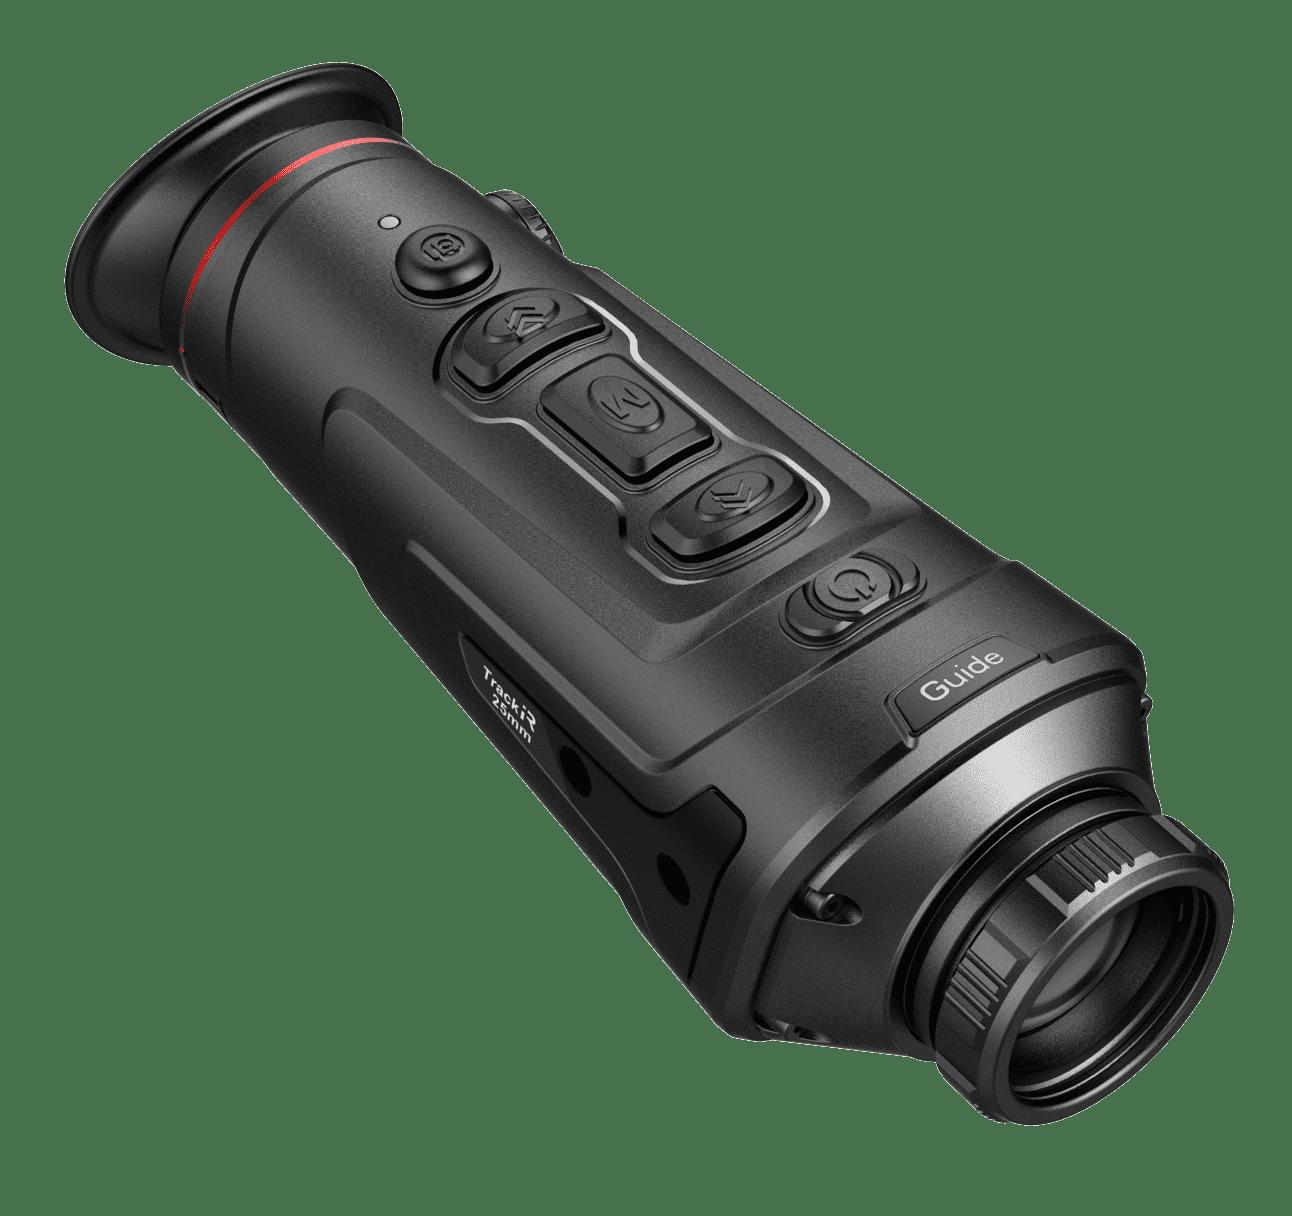 Monokular termowizyjny GUIDE TrackIR PRO 25mm - producent termowizja sklep online